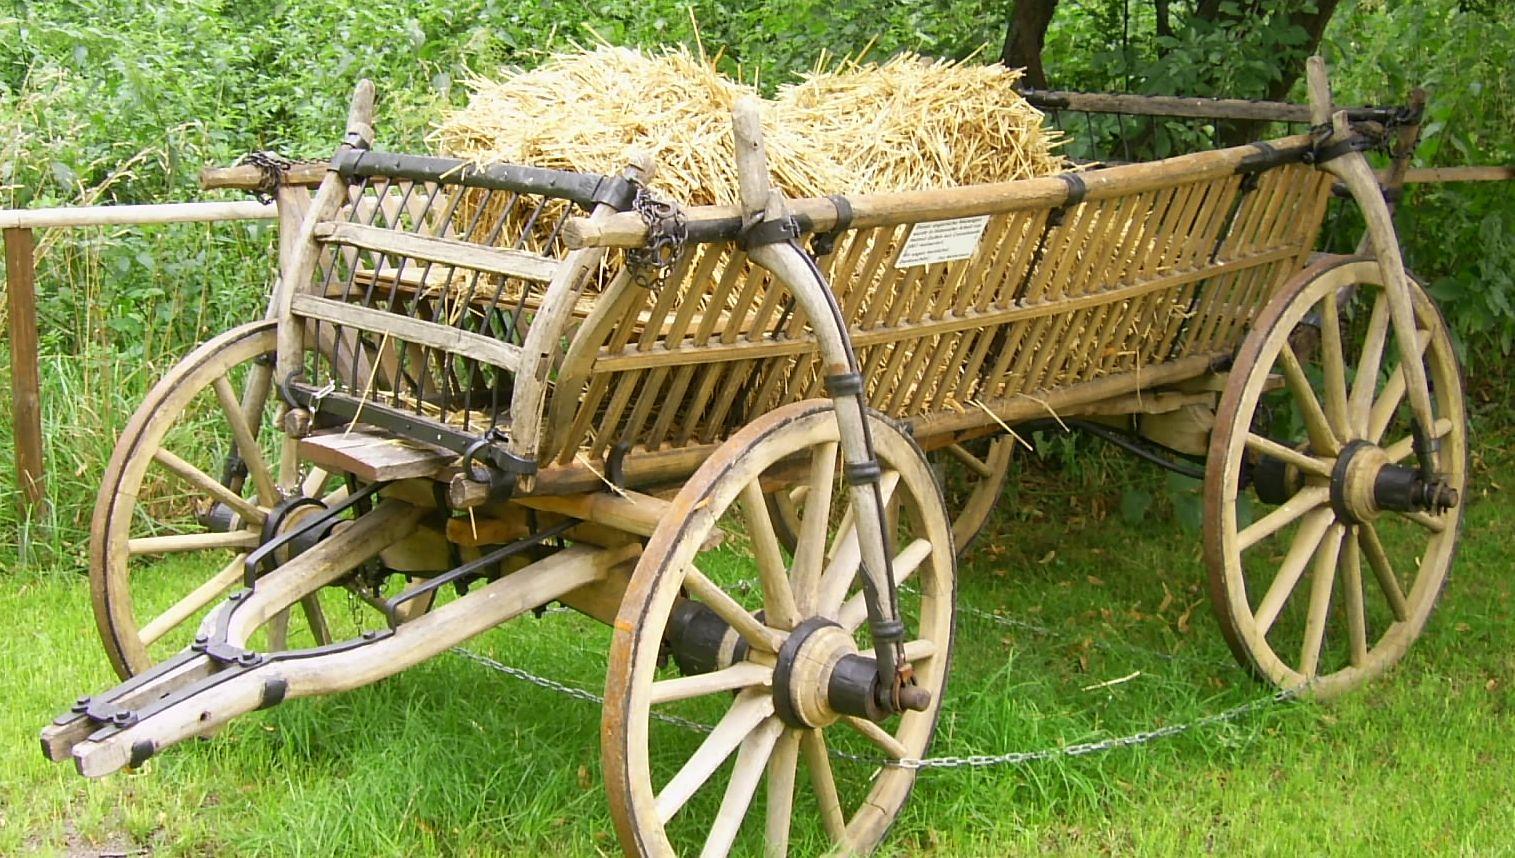 Der Leiterwagen - alles aus HolzLeiterwagen findet man heute nur noch ...